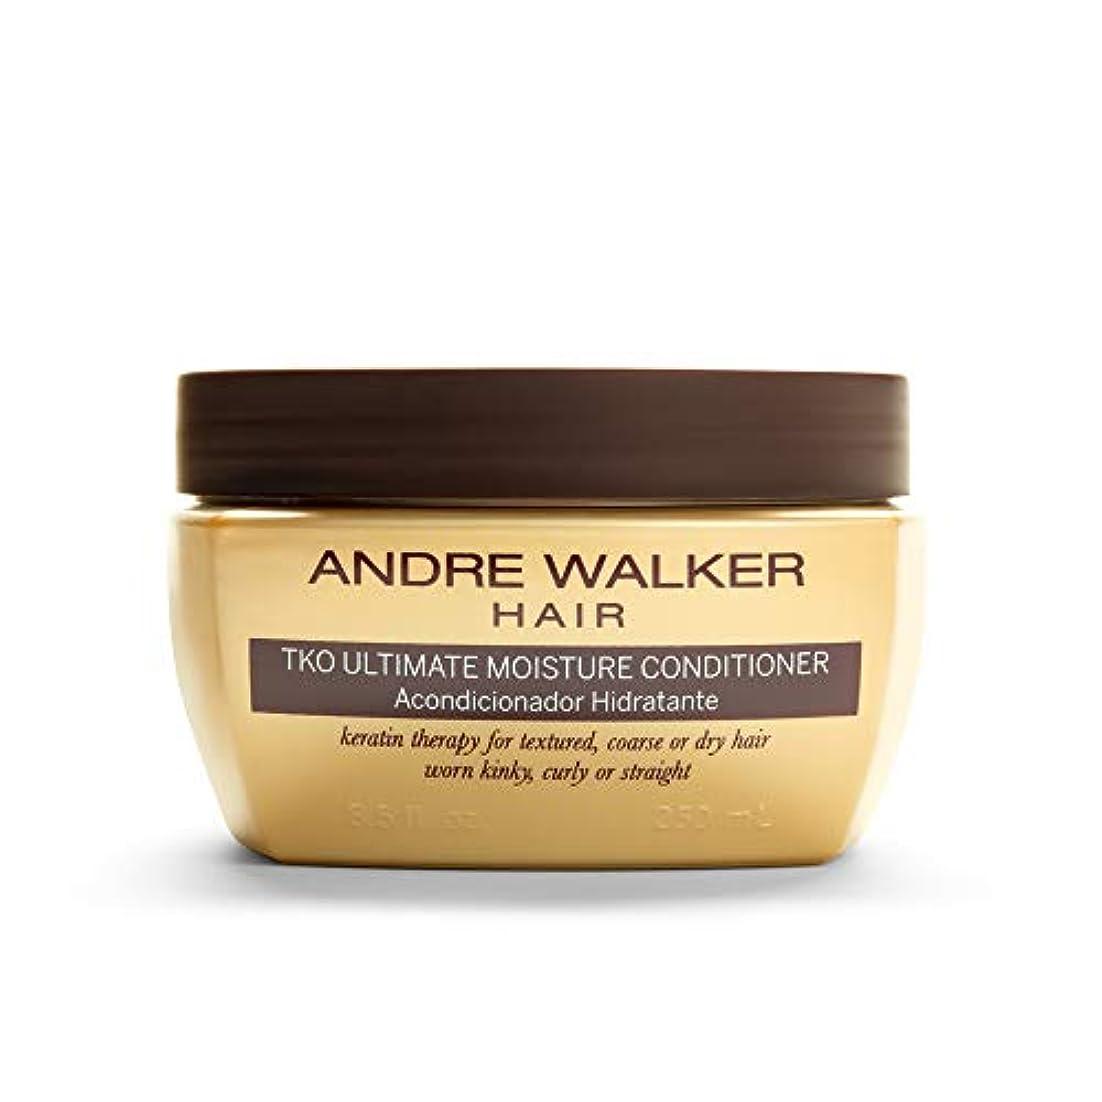 ライナー限定求人Andre Walker Hair The Gold System TKO Ultimate Moisture Conditioner 8.5 fl oz. by Andre Walker Hair